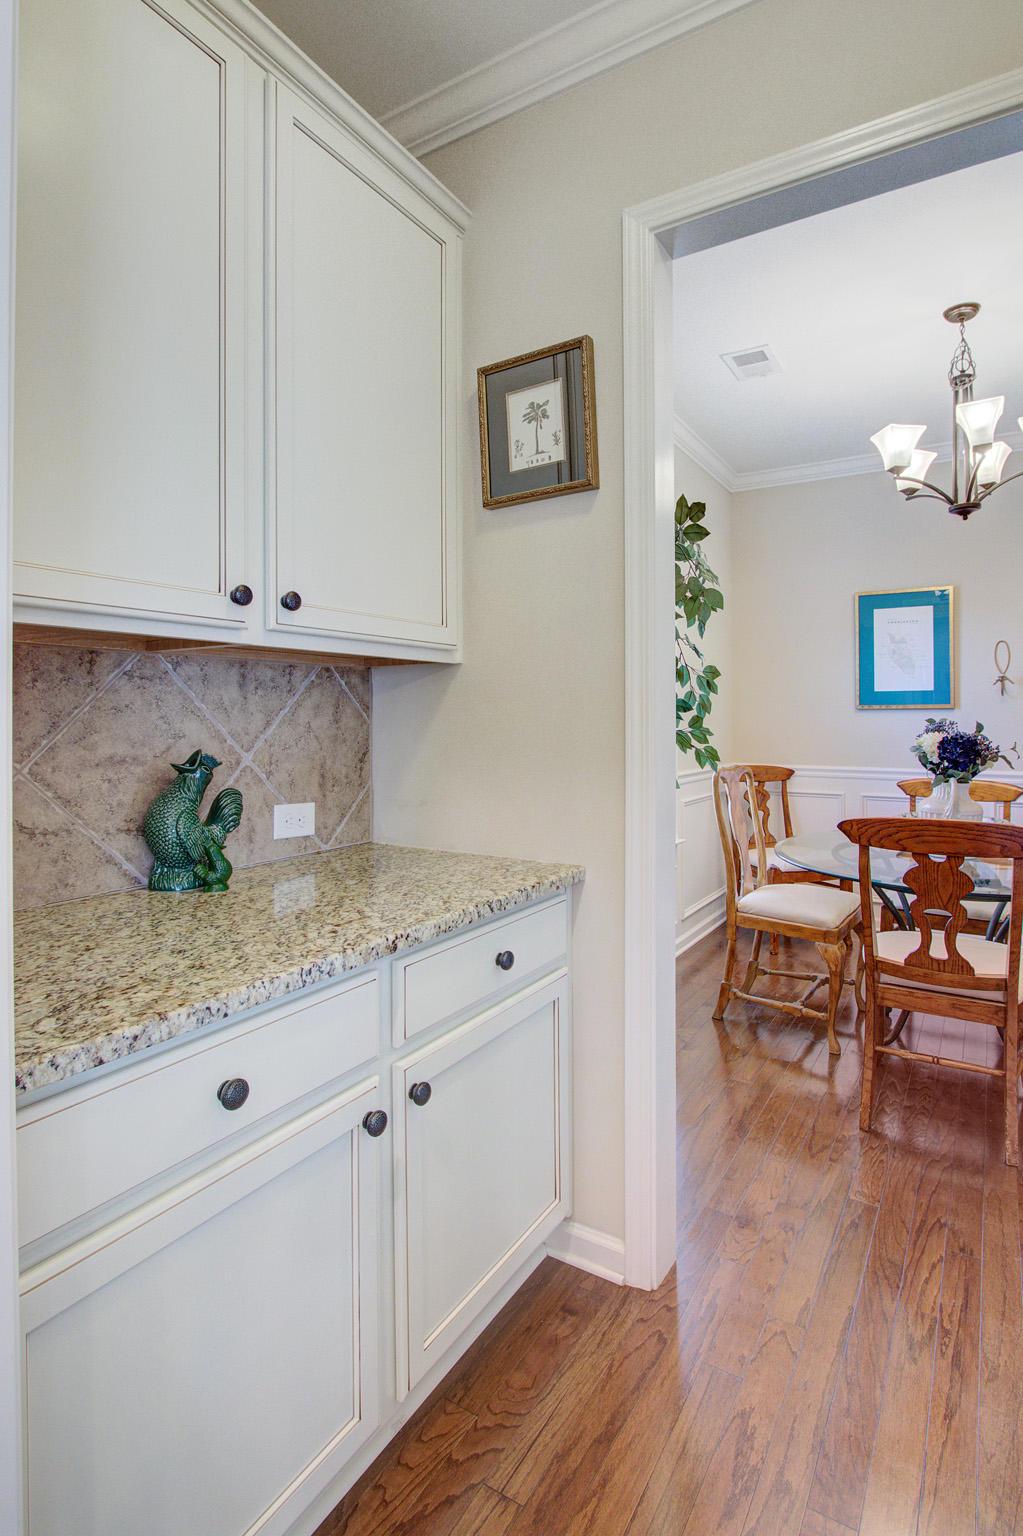 Sunnyfield Homes For Sale - 203 Medford, Summerville, SC - 21